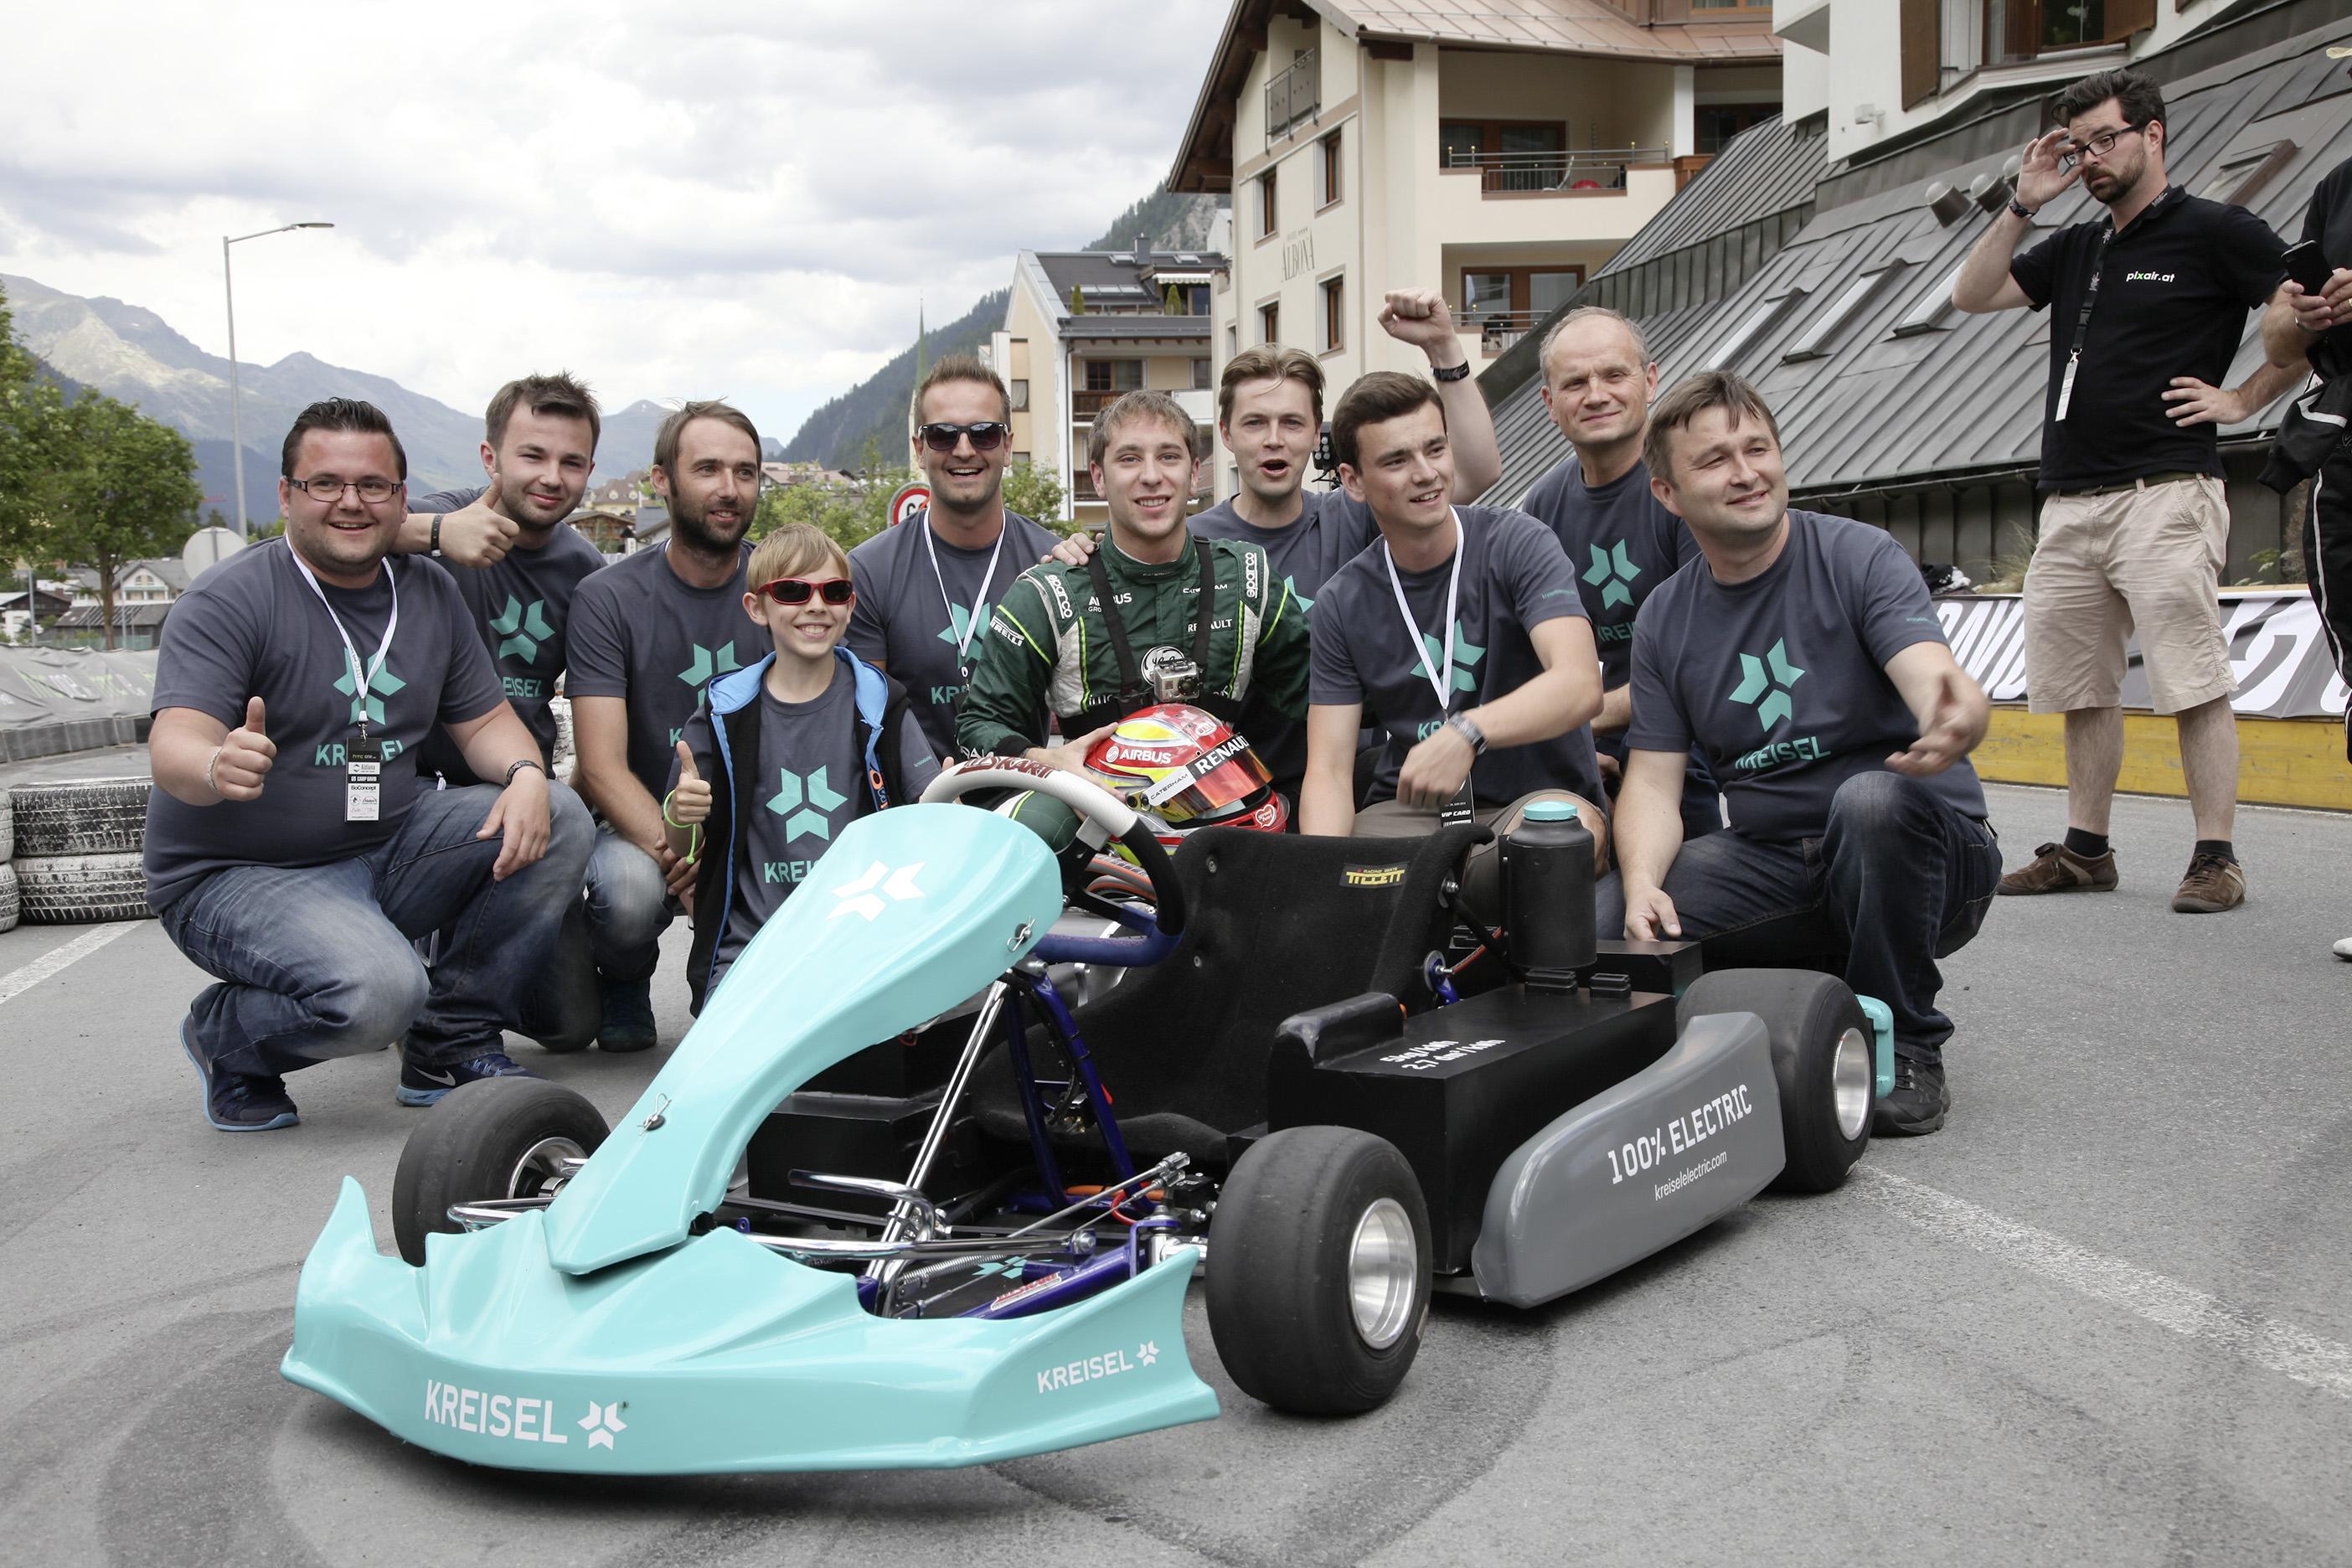 Elektro Go Kart Team Stellt Neuen Weltrekord Auf